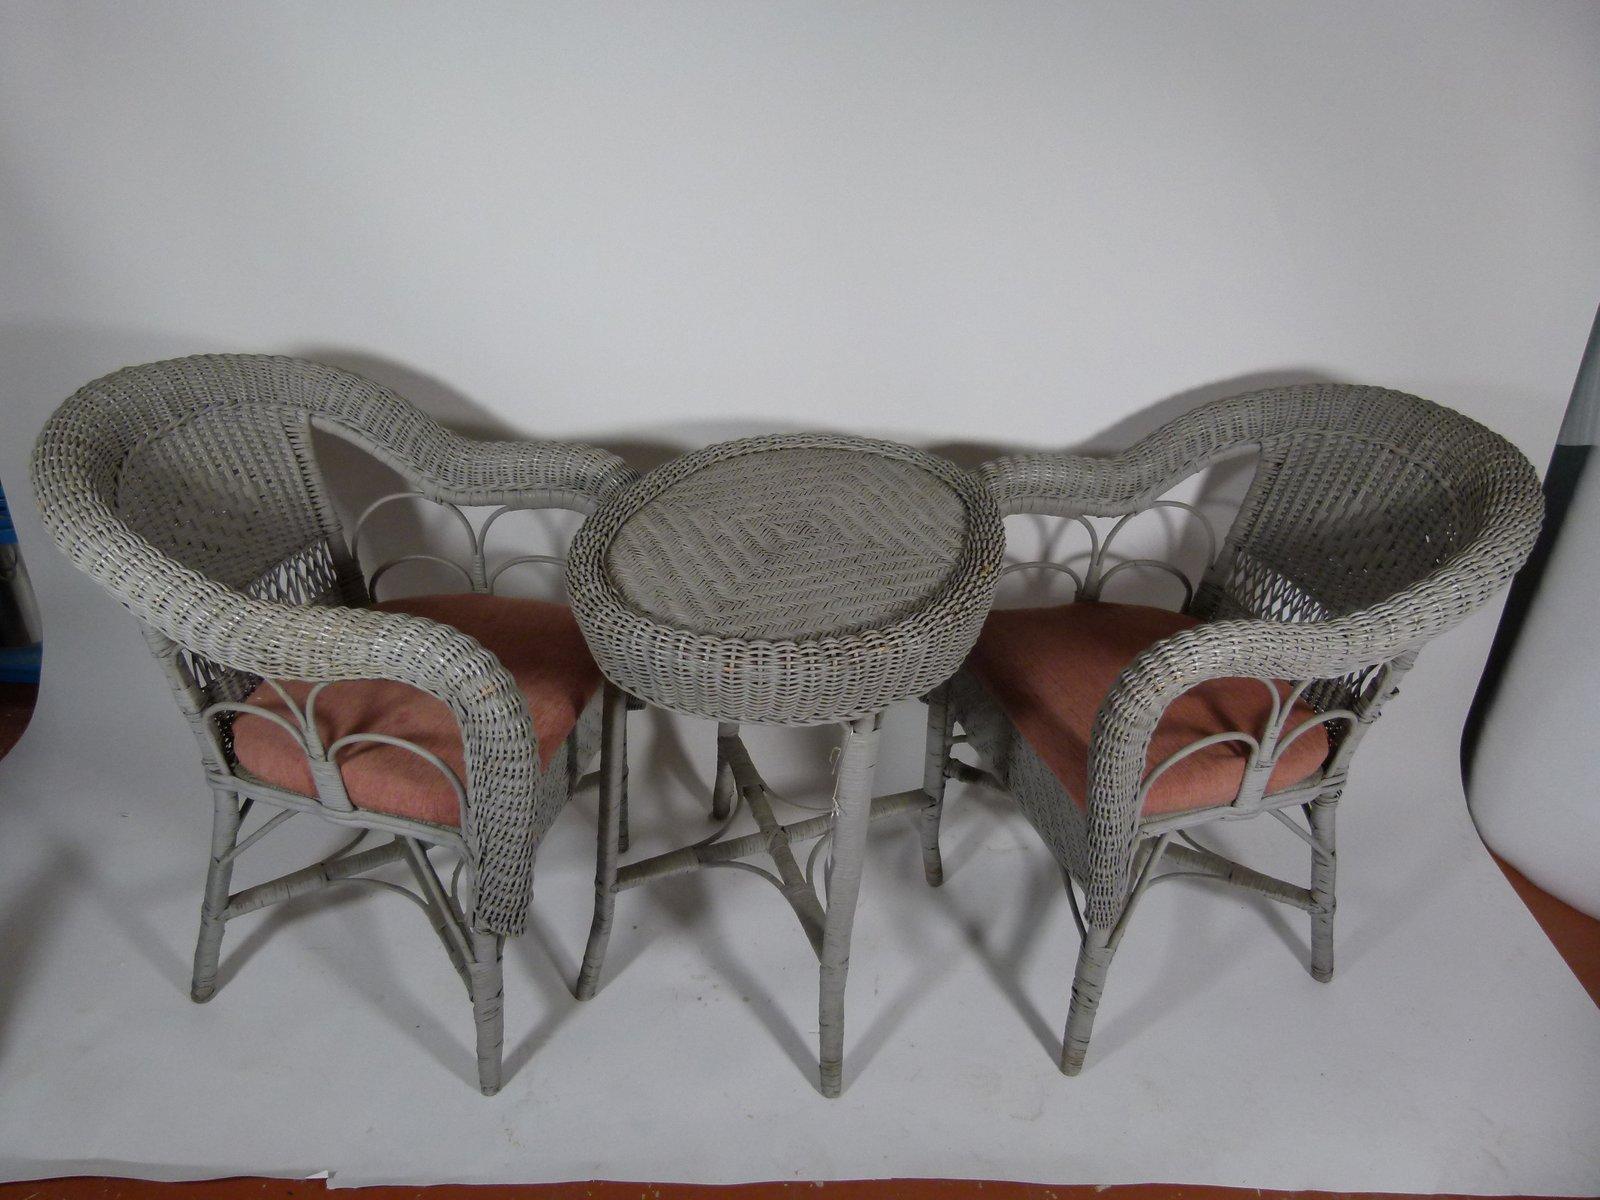 vintage gartentisch und st hle aus korbgeflecht 1980er lukait. Black Bedroom Furniture Sets. Home Design Ideas